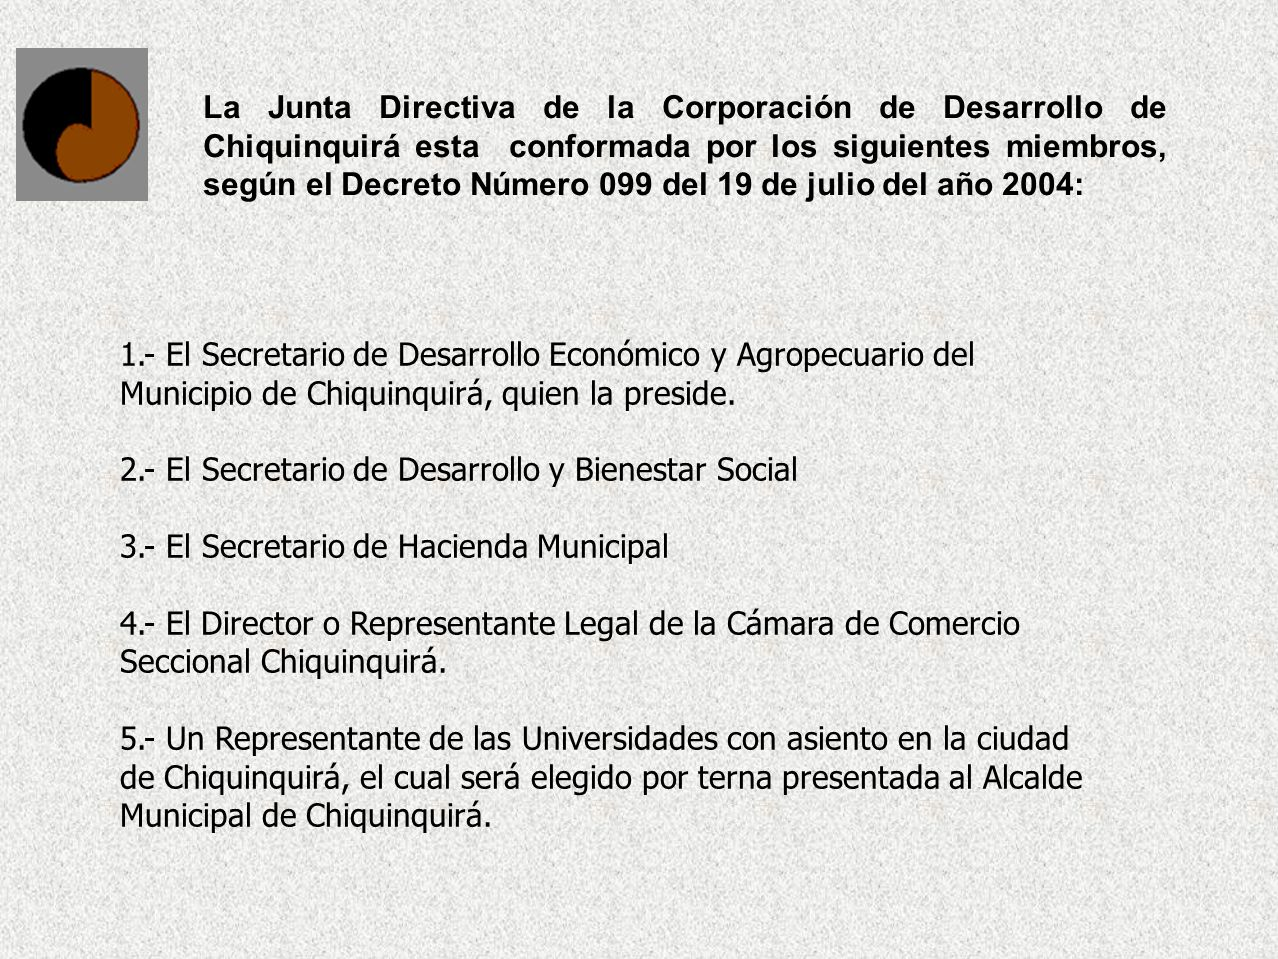 La Junta Directiva de la Corporación de Desarrollo de Chiquinquirá esta conformada por los siguientes miembros, según el Decreto Número 099 del 19 de julio del año 2004: